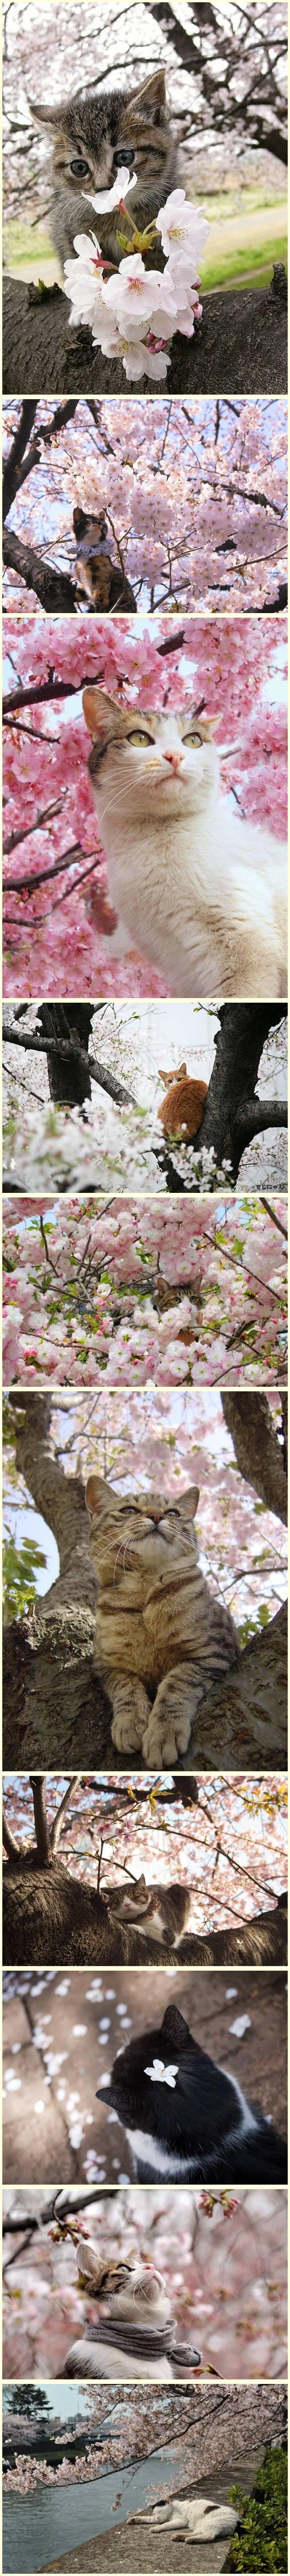 17 Adoráveis gatos com flores de cerejeira